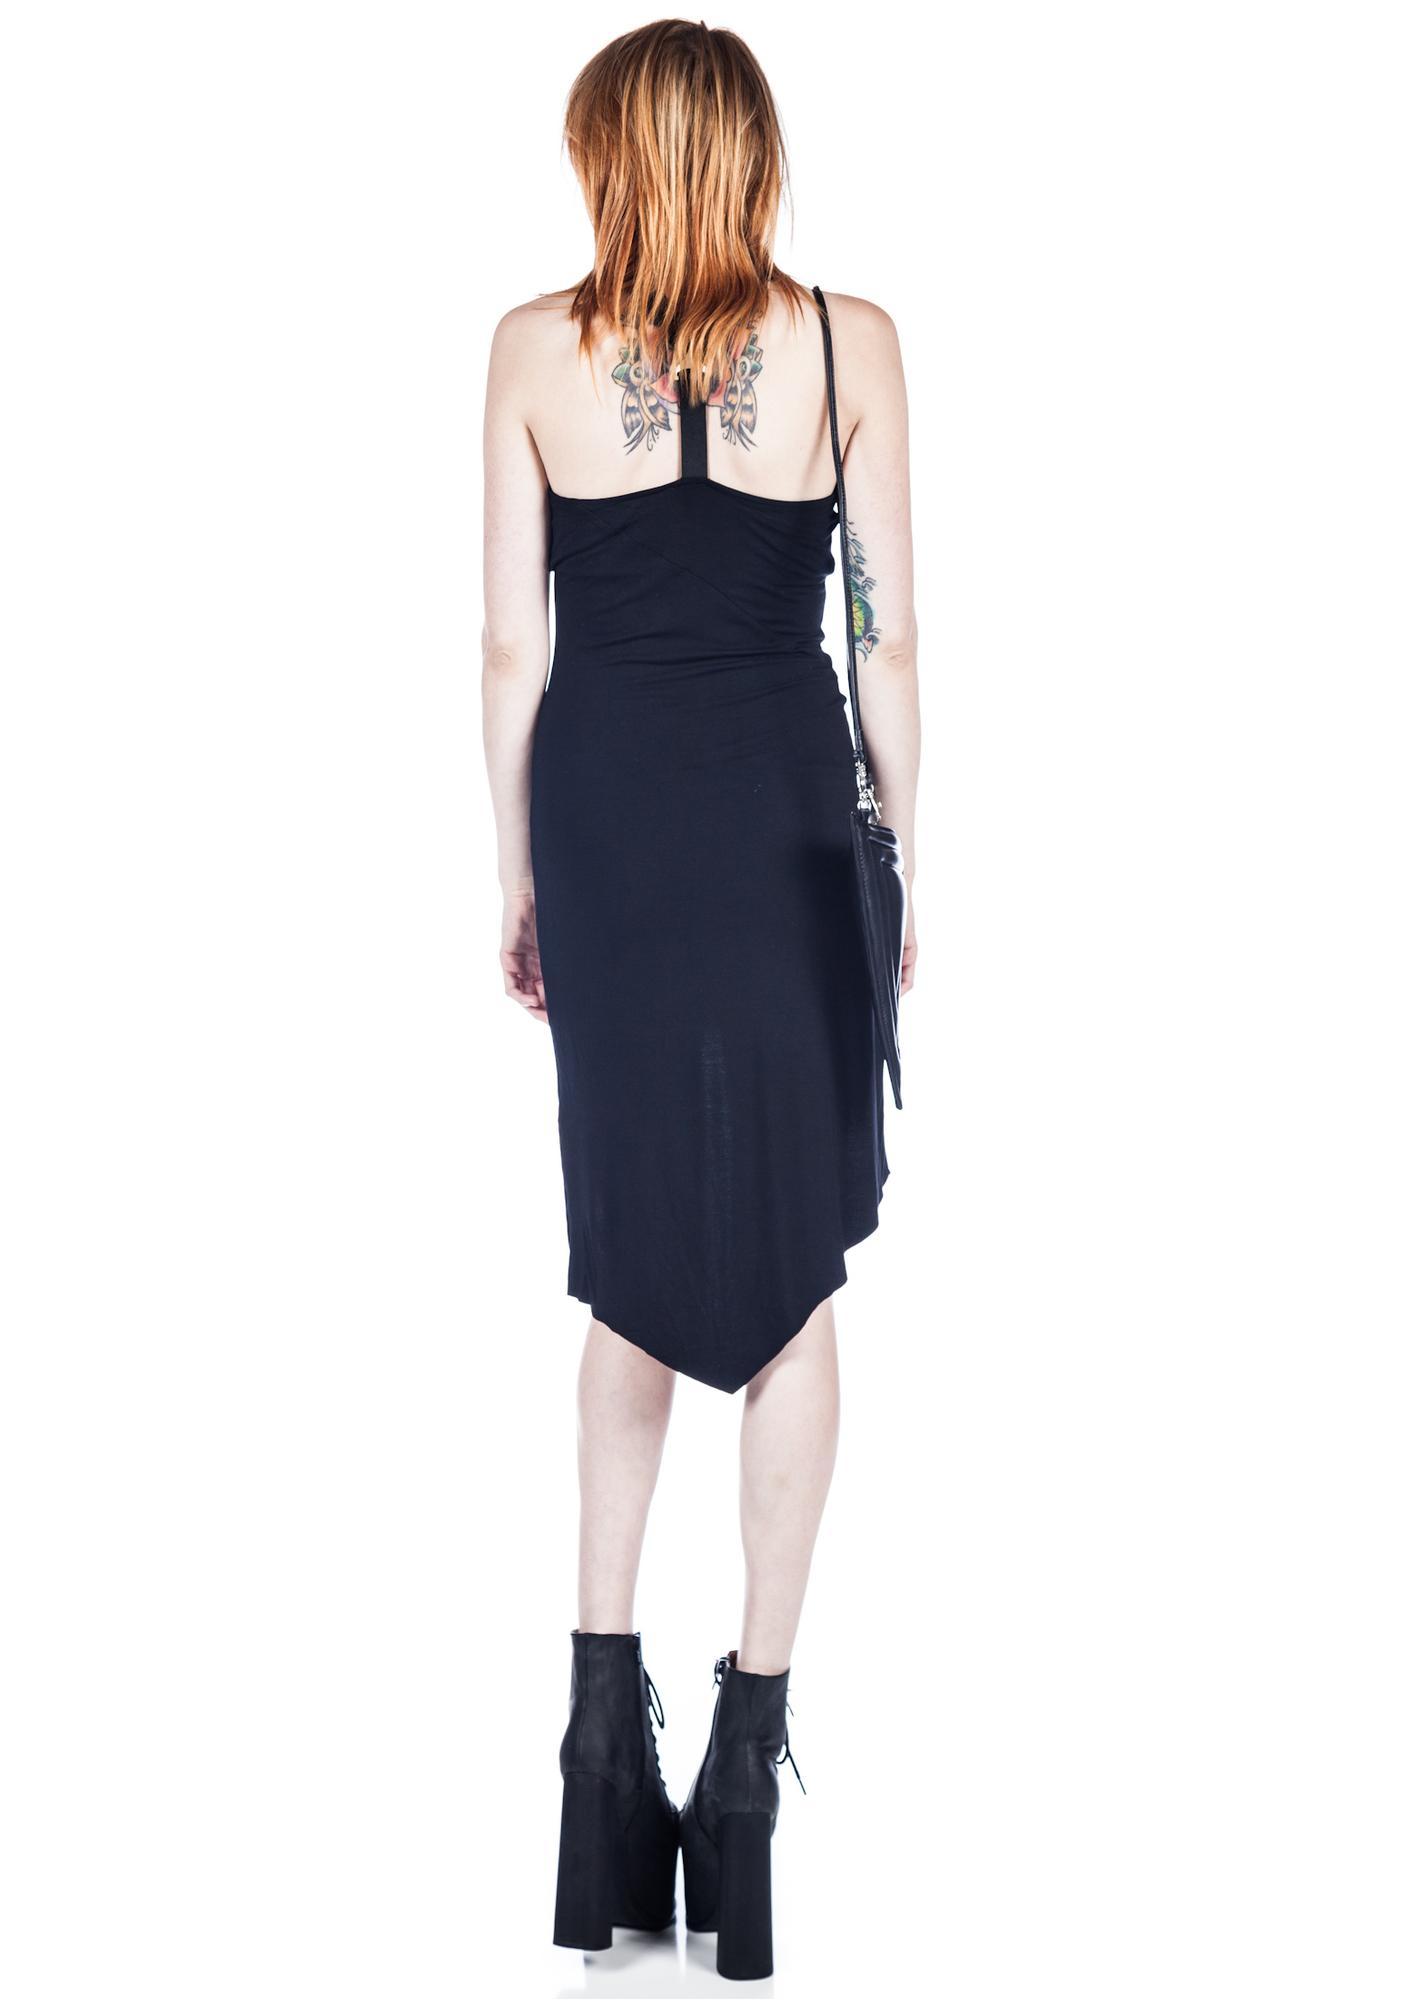 Widow Suspender Dress